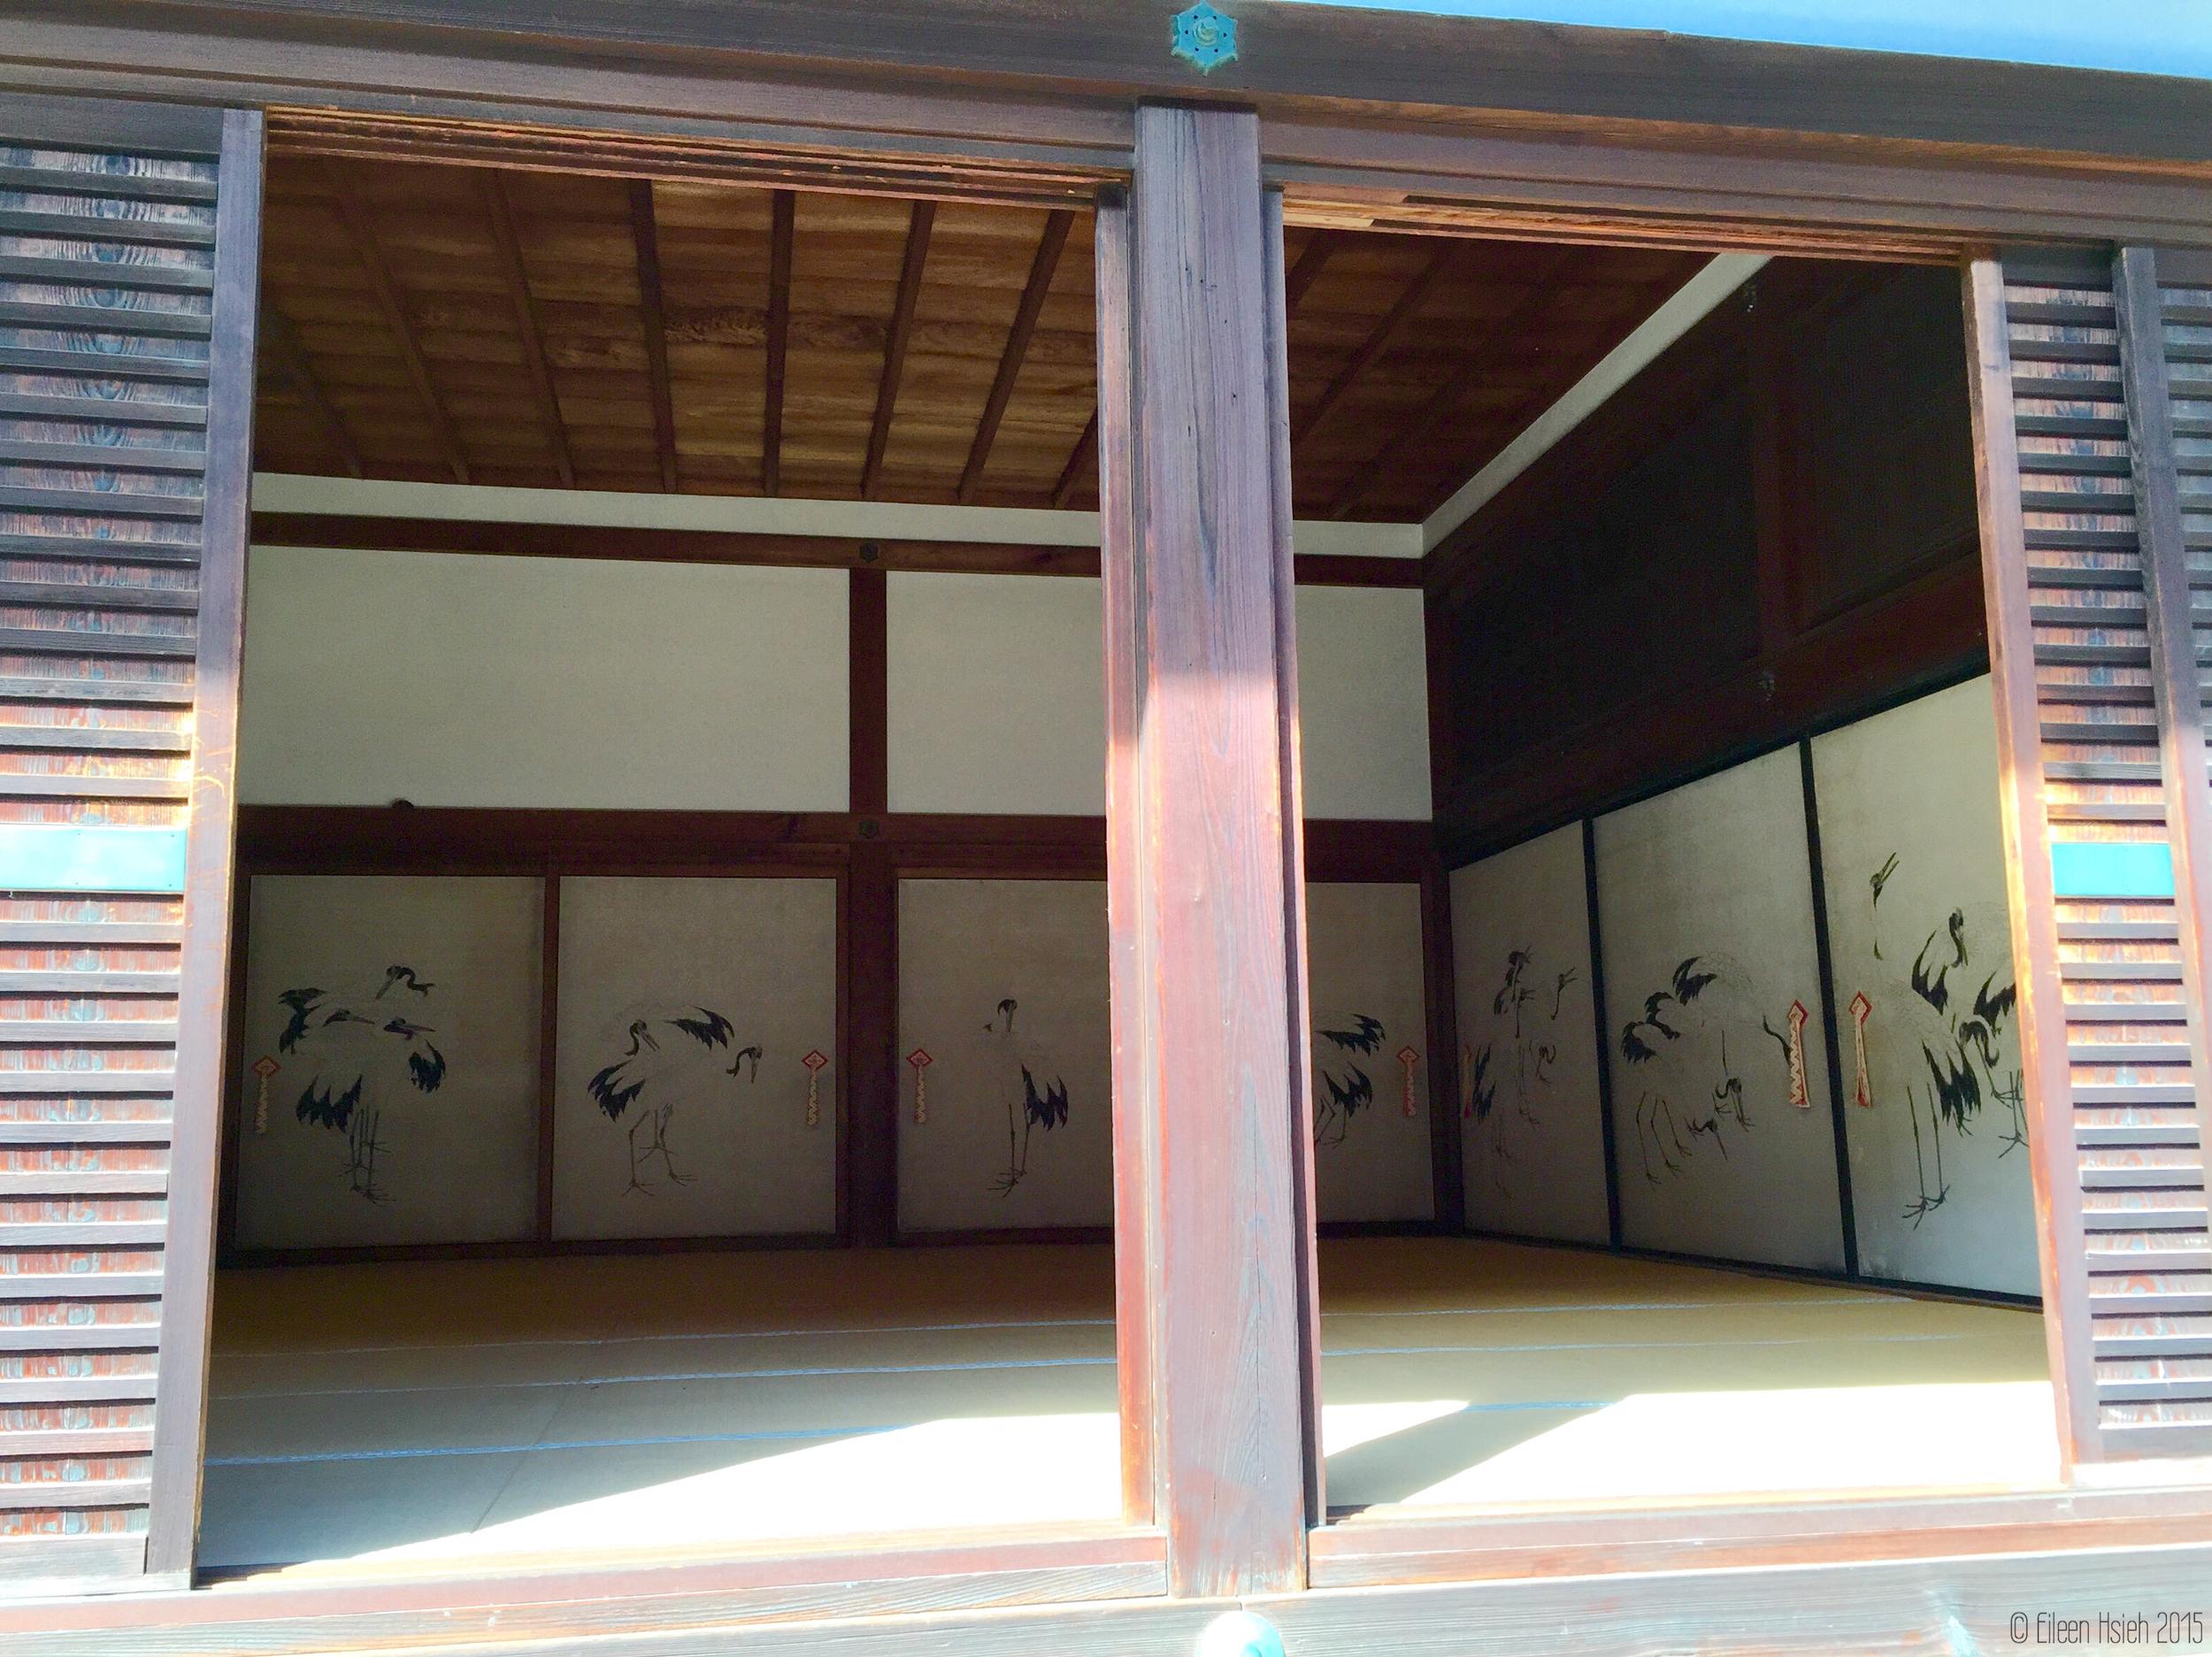 諸大夫之間「鶴之間」和室裡的壁畫。© Eileen Hsieh